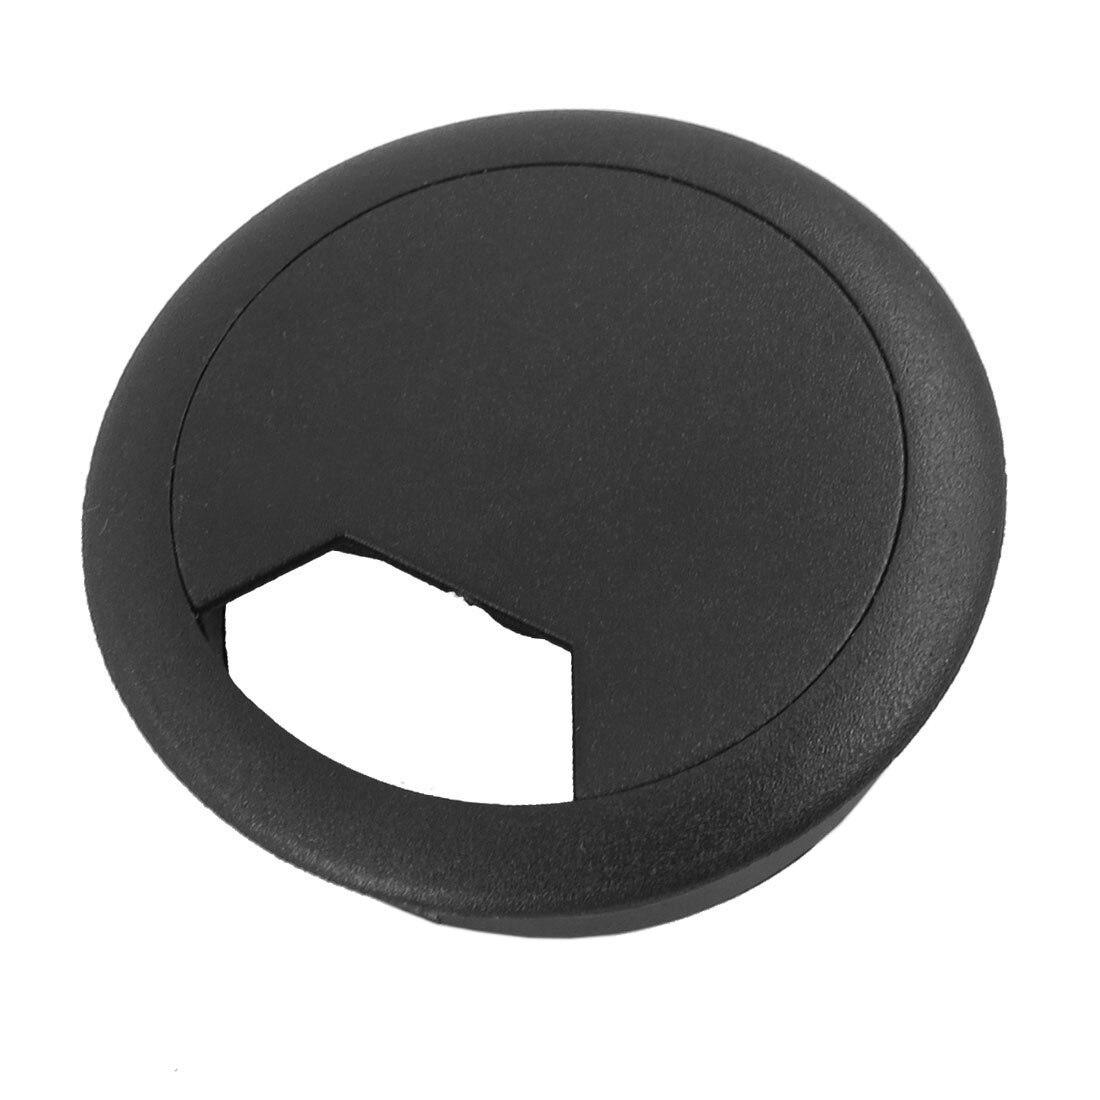 2 Pcs 50mm Diameter Desk Wire Cord Cable Grommets Hole Cover Black2 Pcs 50mm Diameter Desk Wire Cord Cable Grommets Hole Cover Black